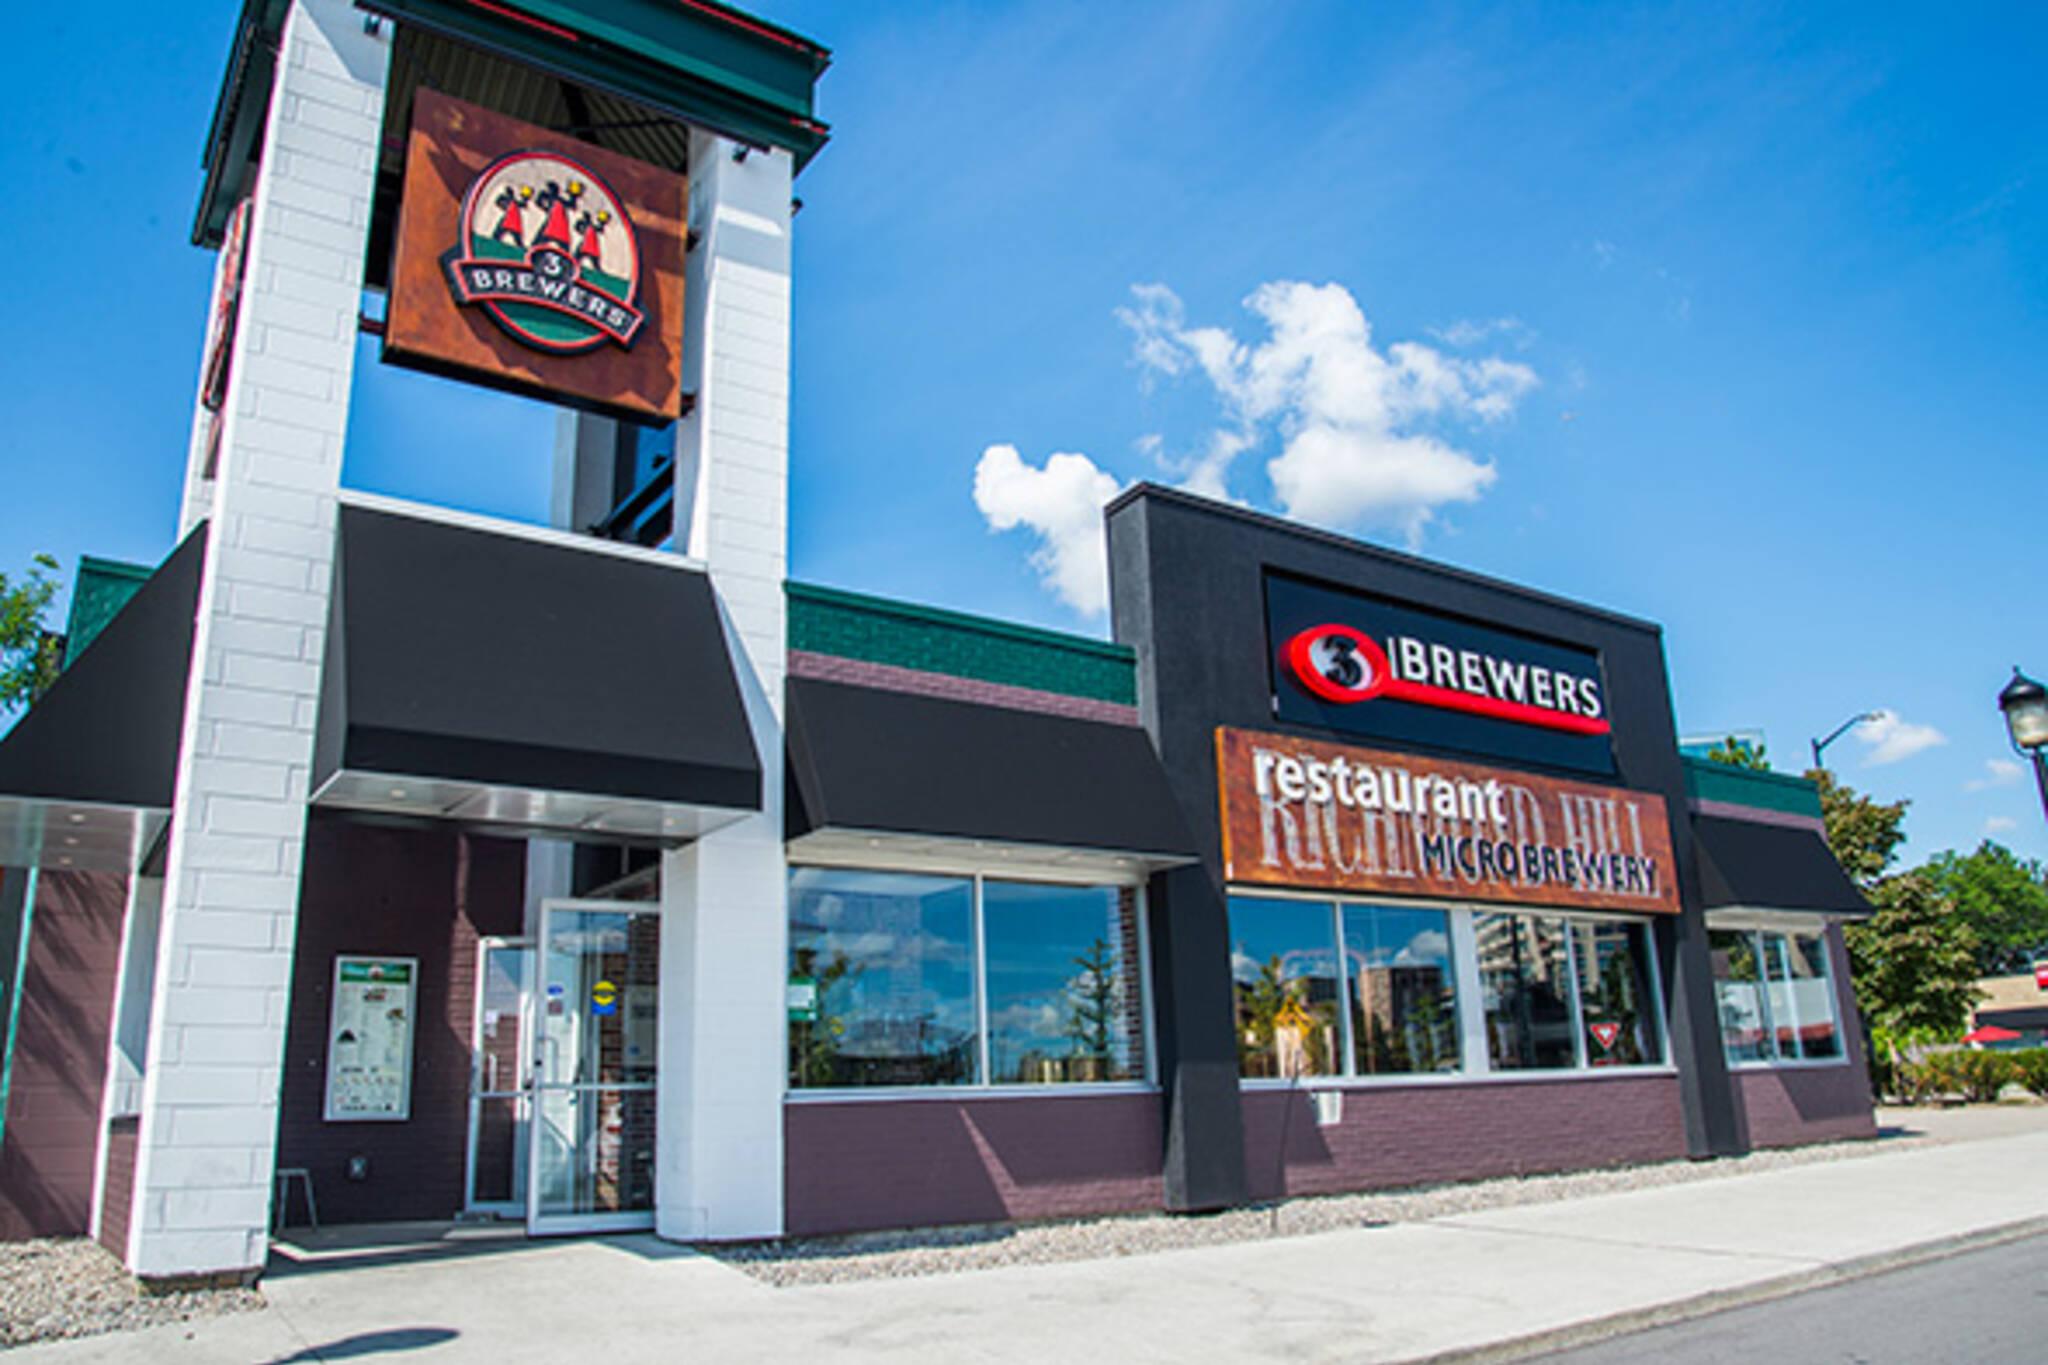 3 Brewers Richmond Hill